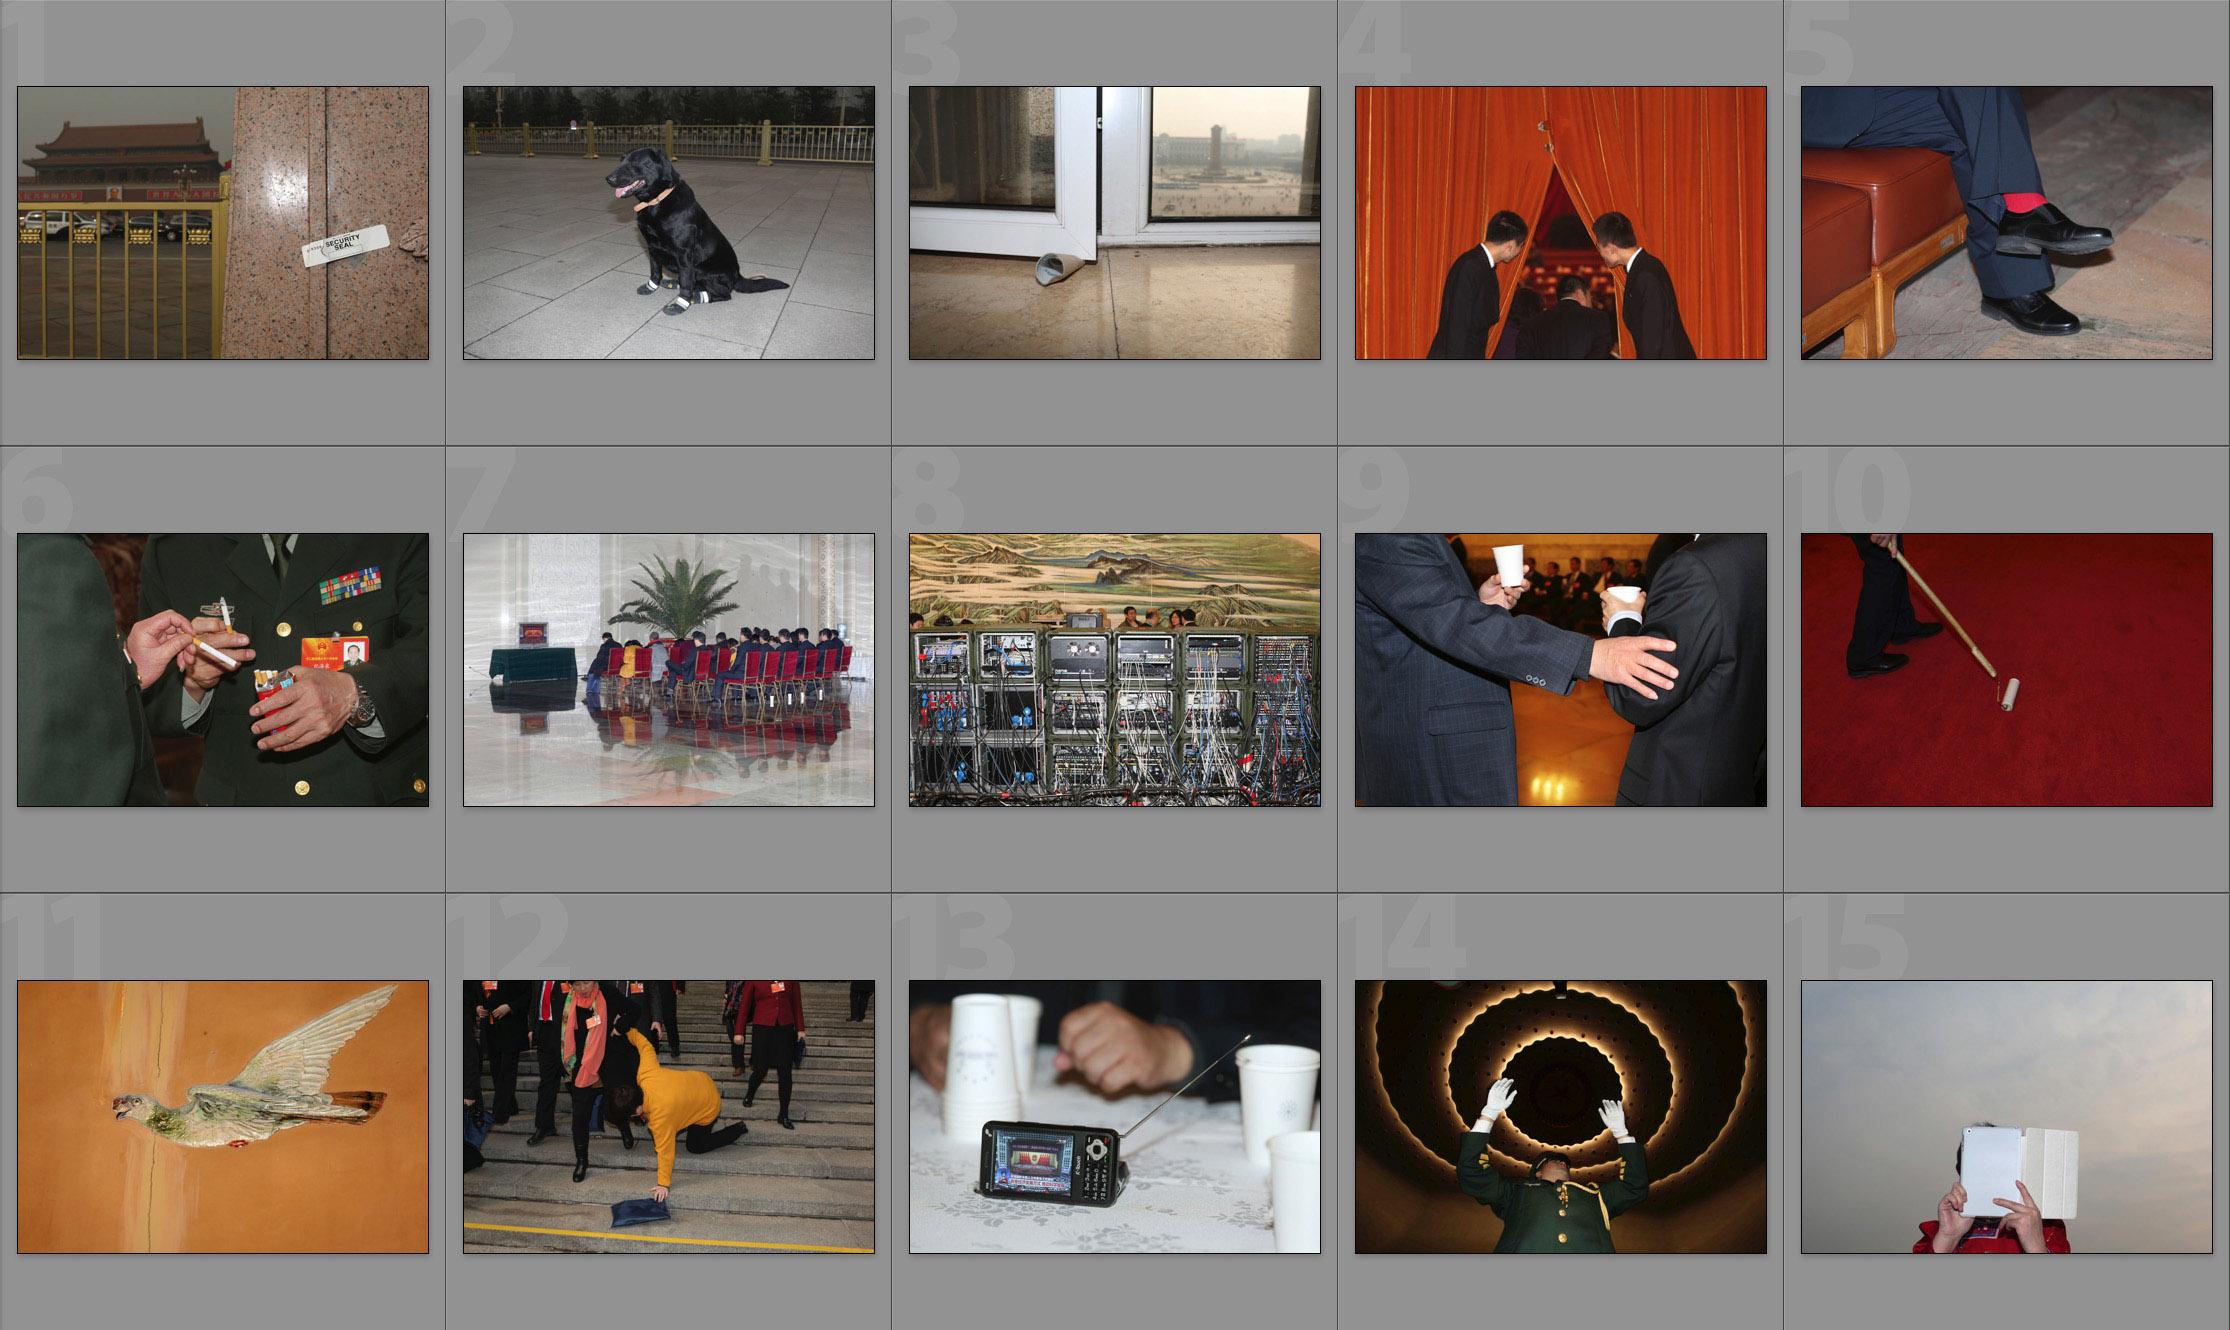 圖片故事組 - 冠軍:張建邦